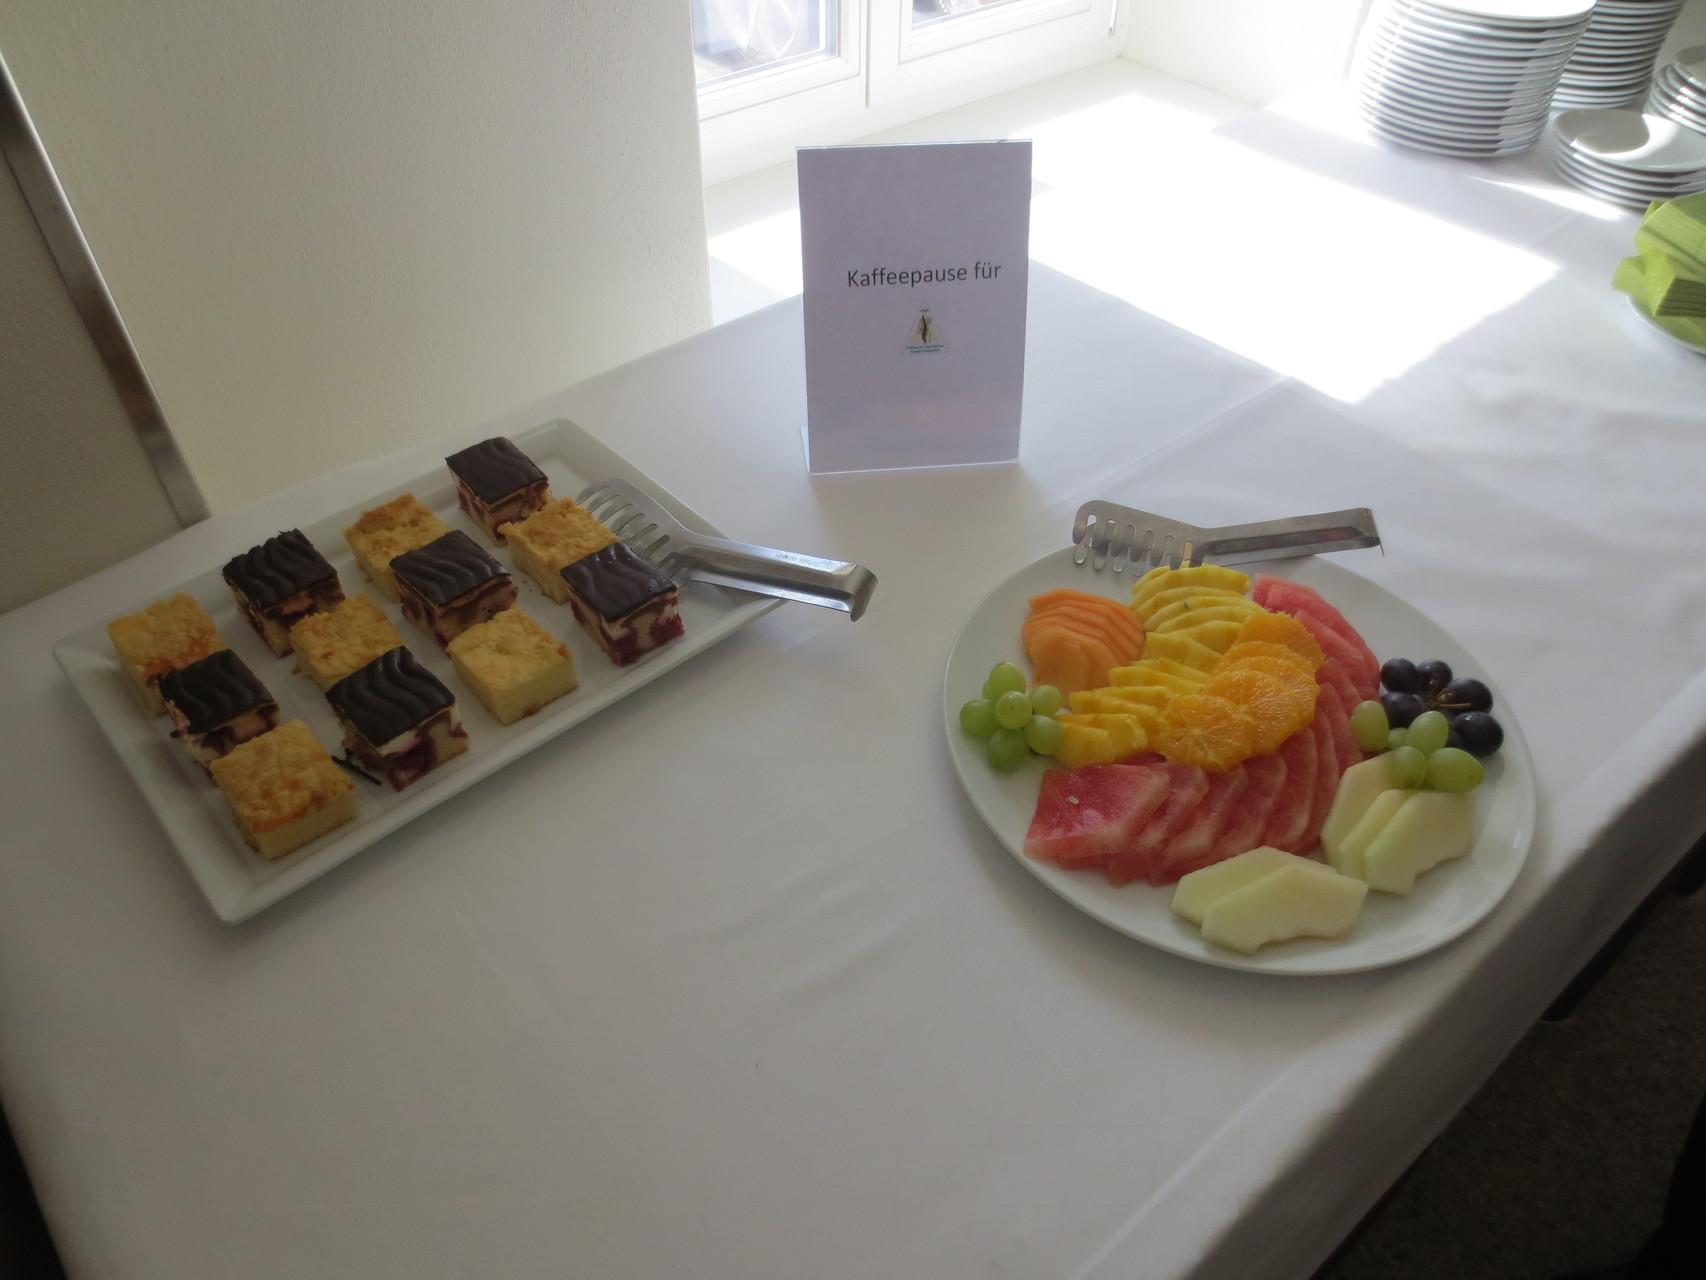 Zvieri-Pause im Sentido Seehotel am Kaiserstrand - Kuchengebäck und frische Früchte